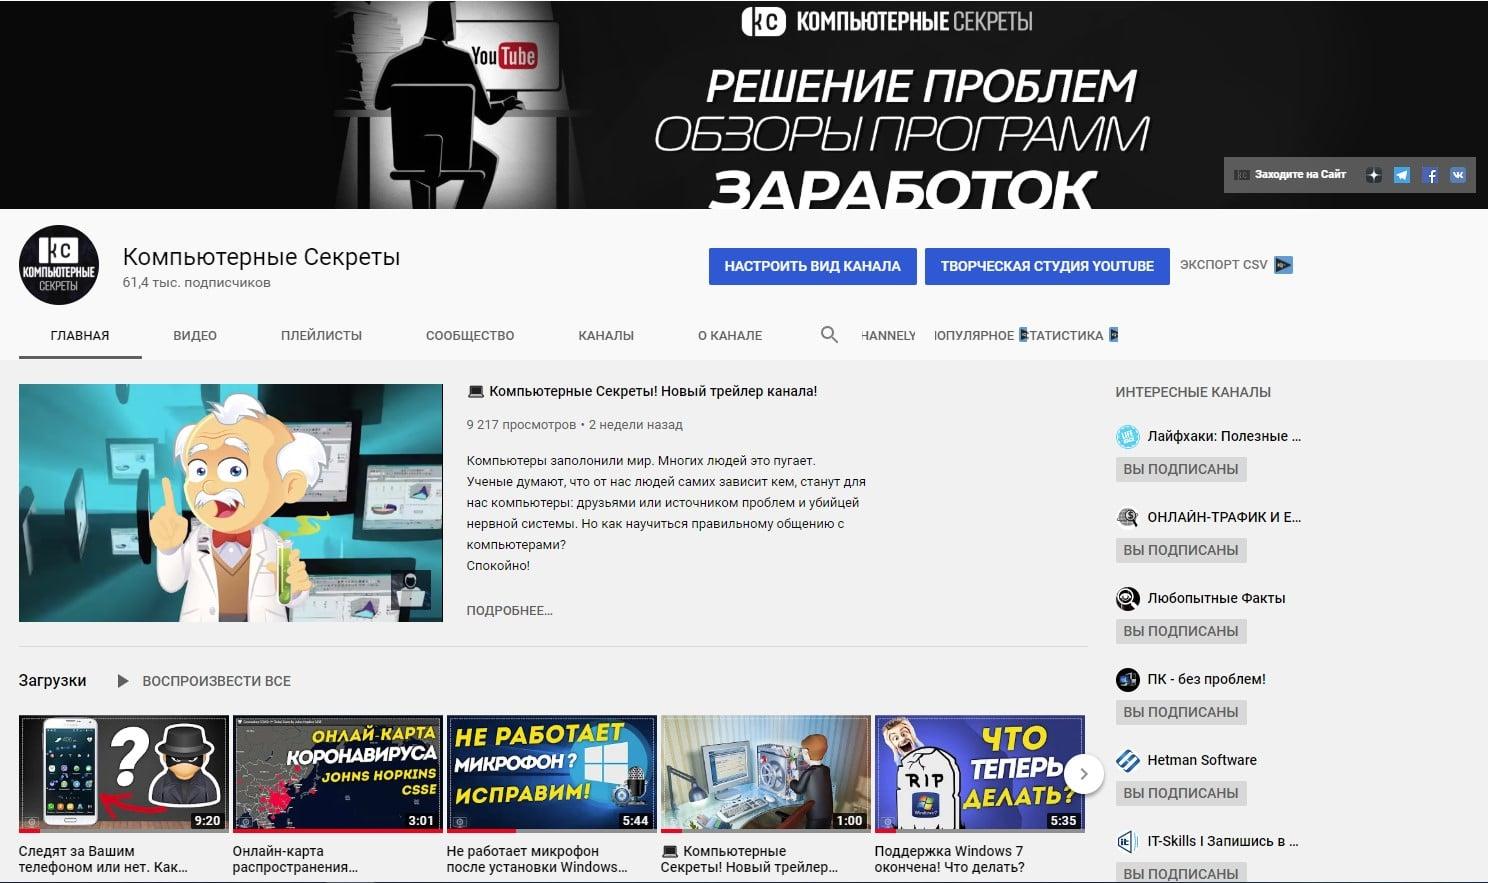 Канал на YouTube - Компьютерные Секреты